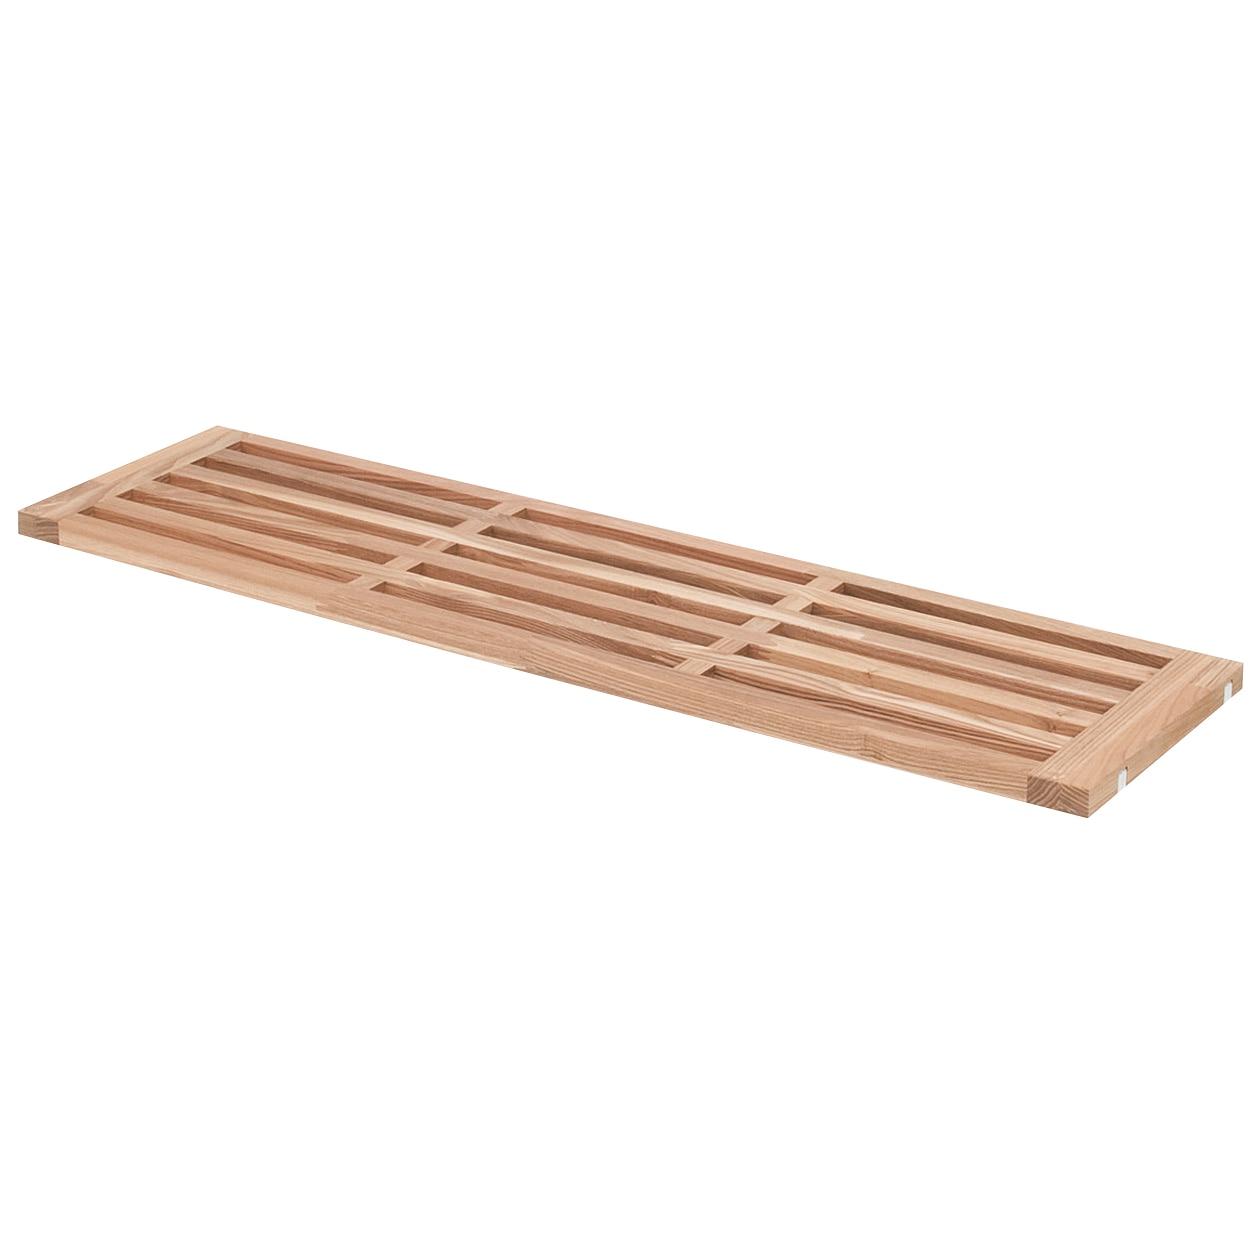 組み合わせて使える木製収納用すのこ棚板・奥行21cm用